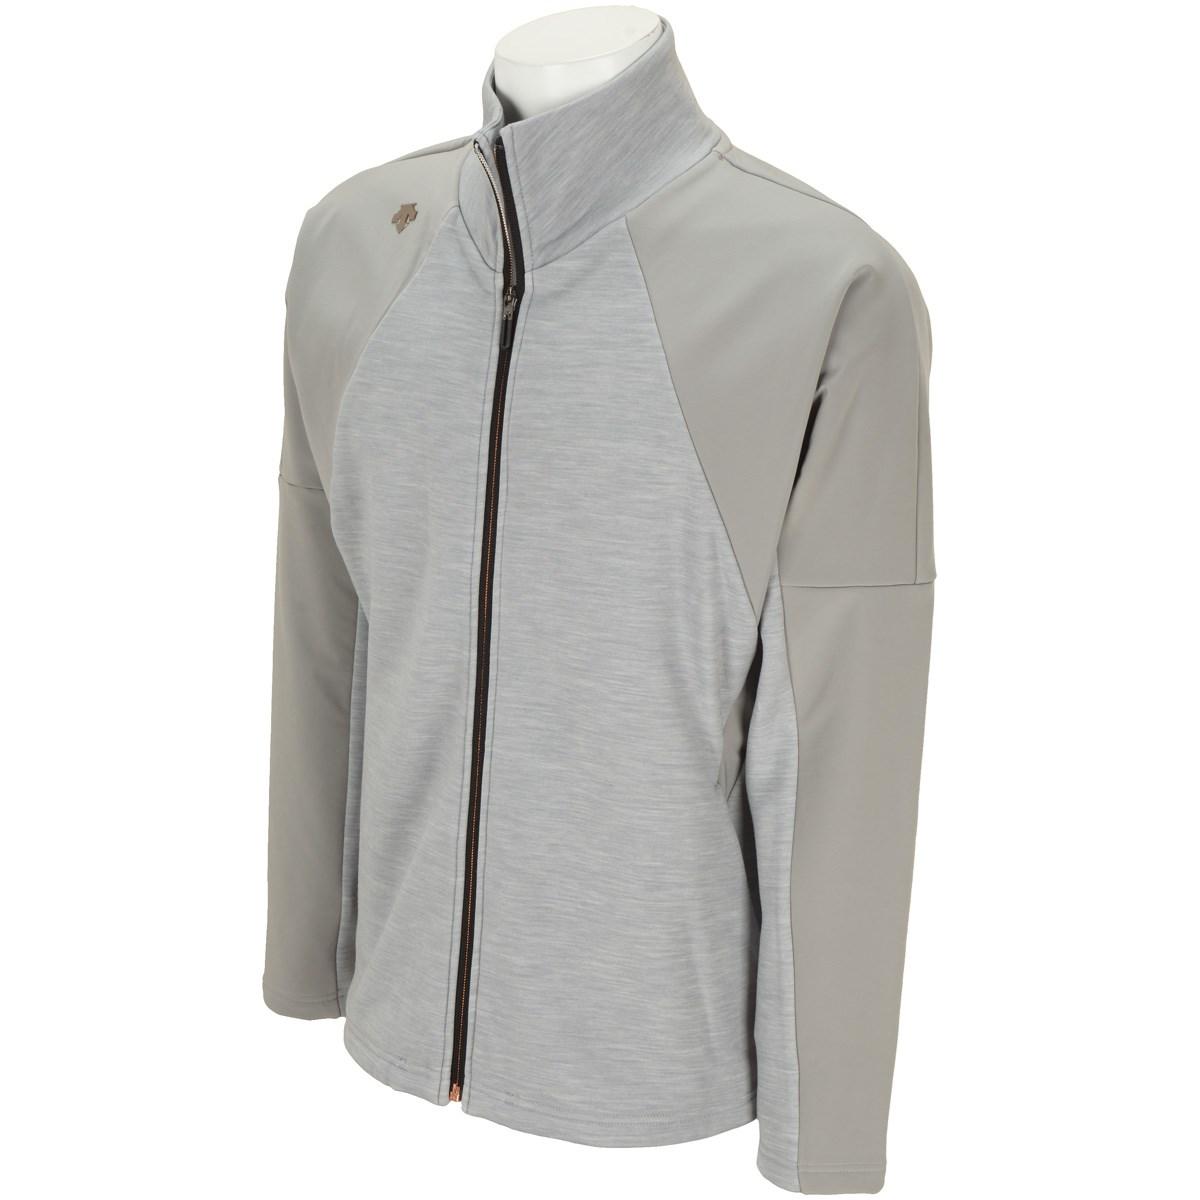 デサントゴルフ(DESCENTE GOLF) ストレッチジャージージャケット